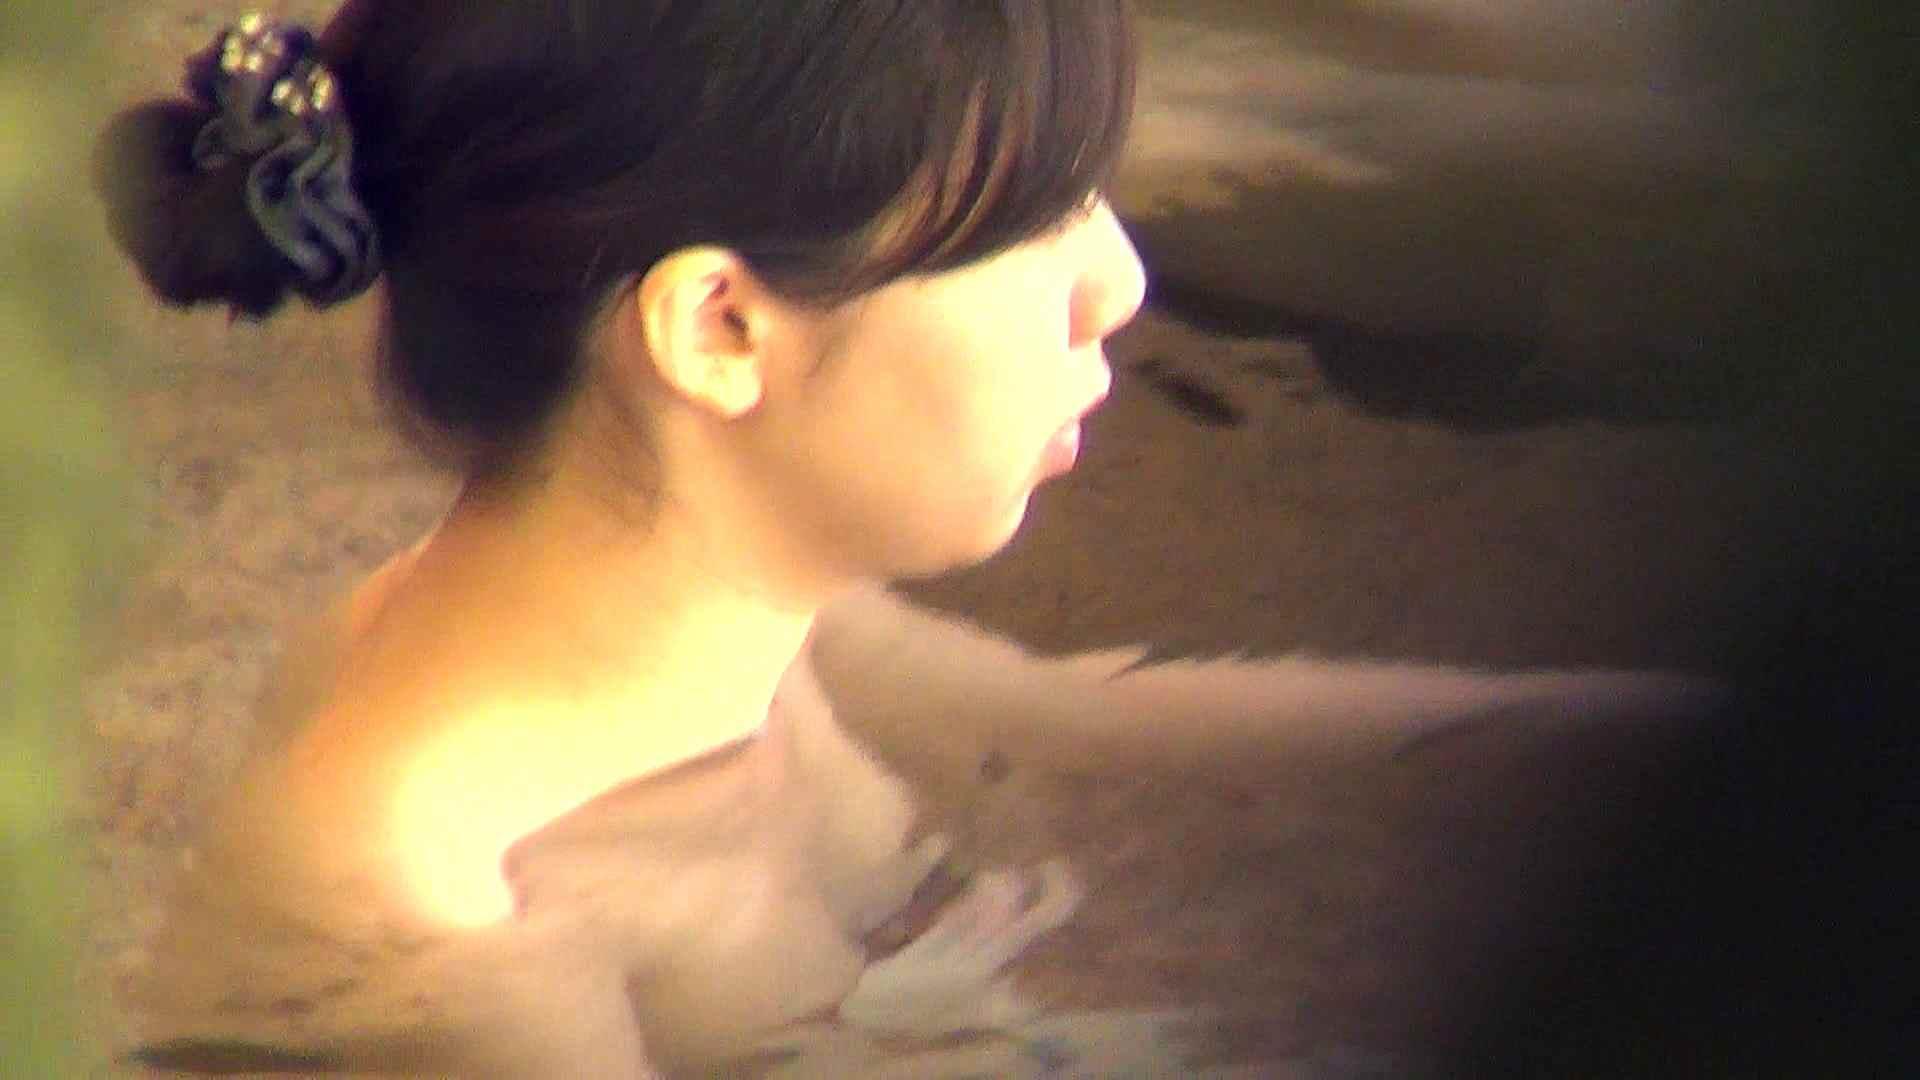 Aquaな露天風呂Vol.285 OLのエロ生活  24連発 6